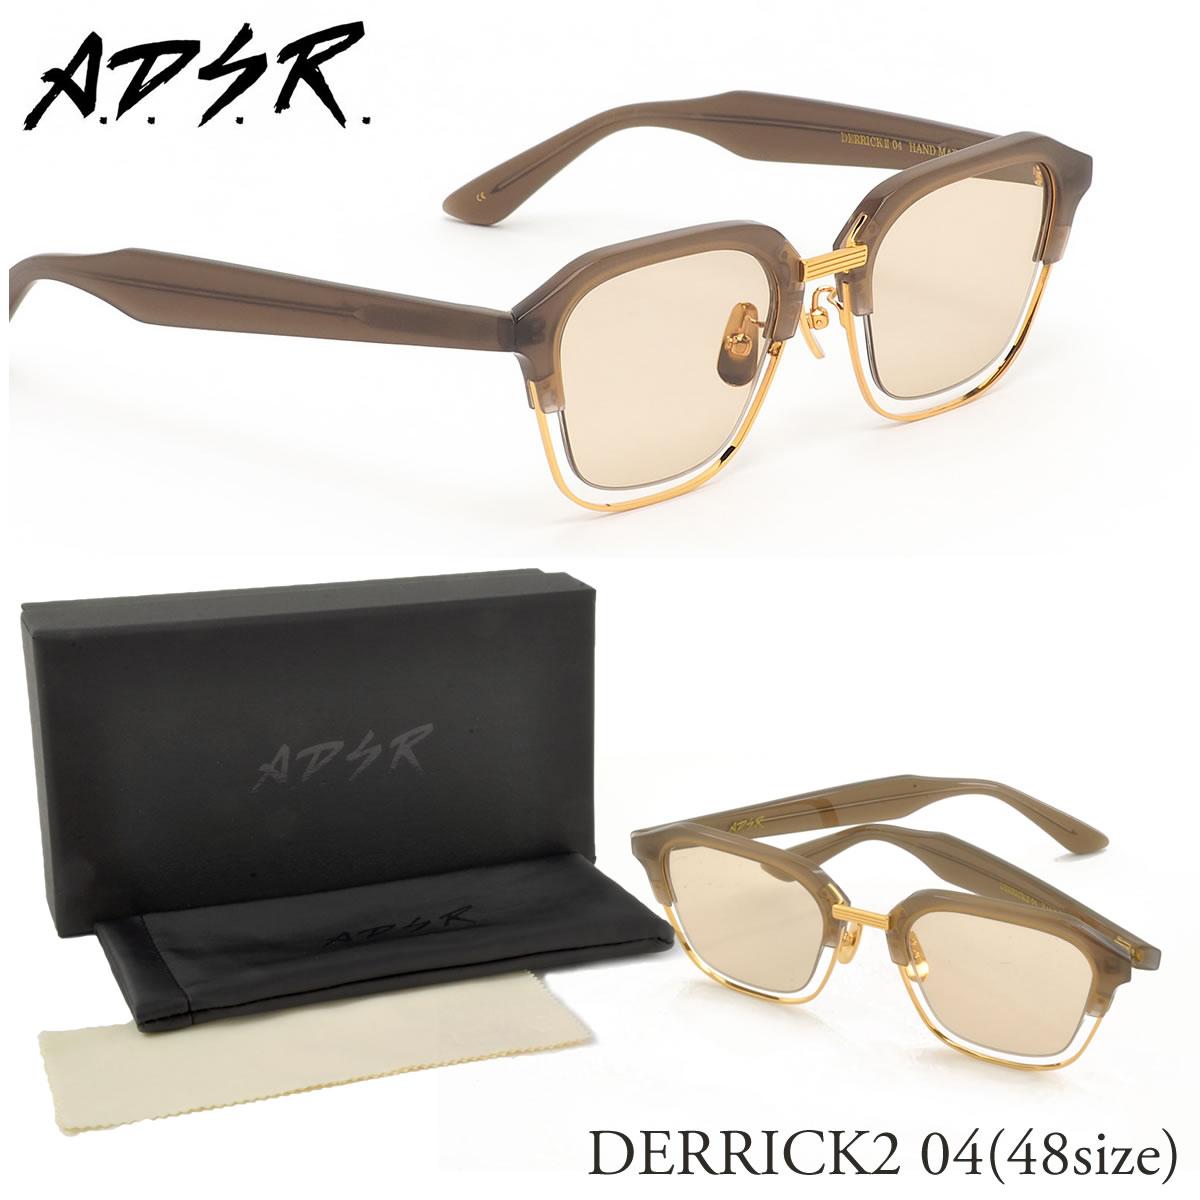 A.D.S.R. エーディーエスアール サングラス DERRICK2 04 48サイズ A.D.S.R. ADSR メンズ レディース